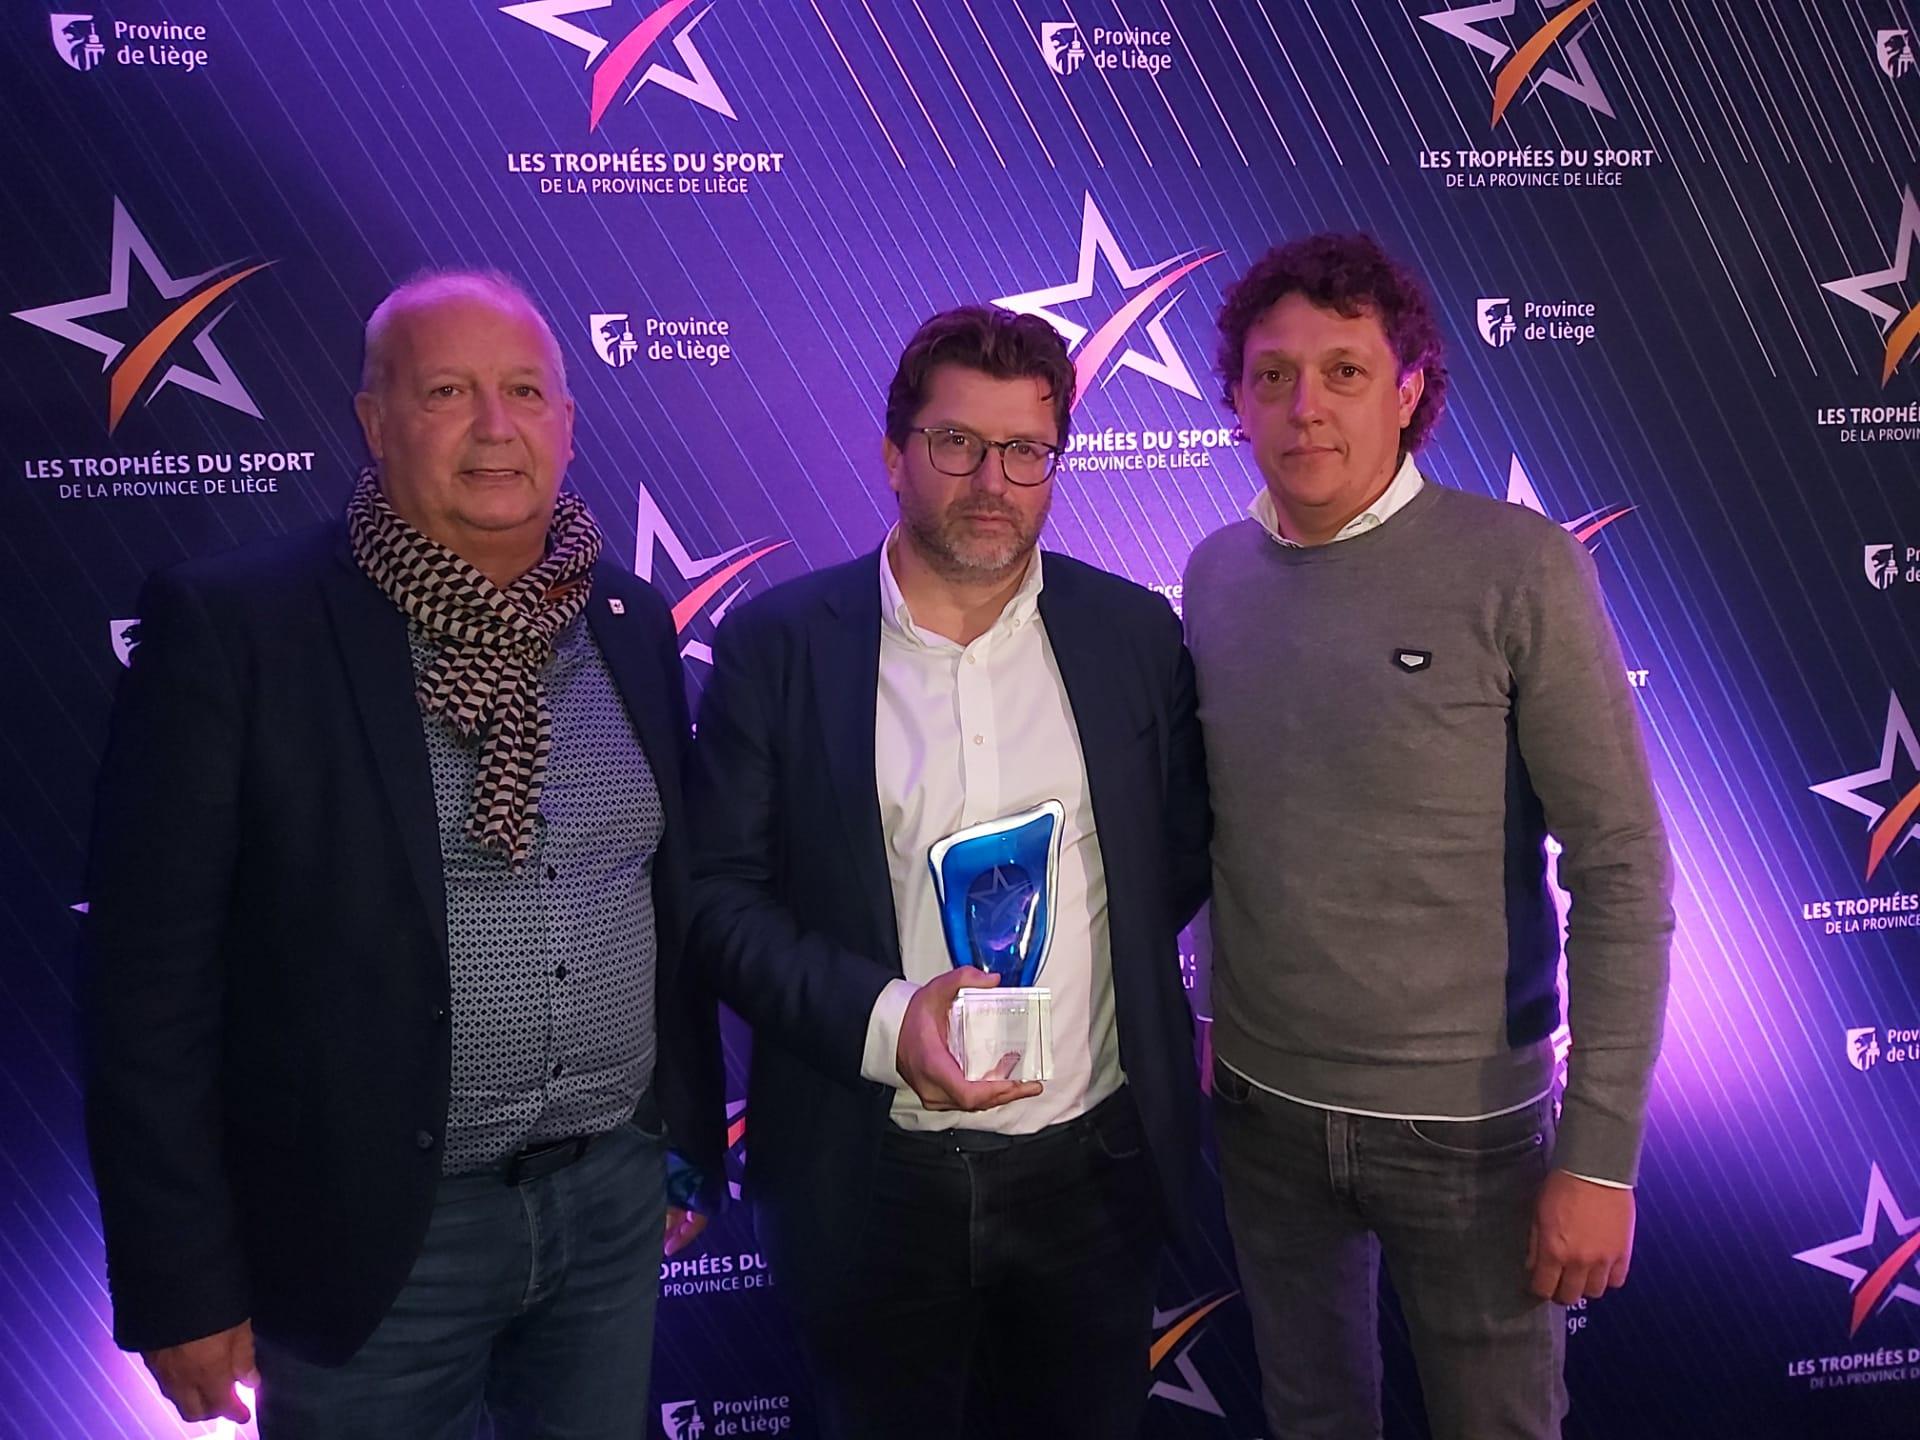 Trophée sportif du fair-play pour le RFCL !